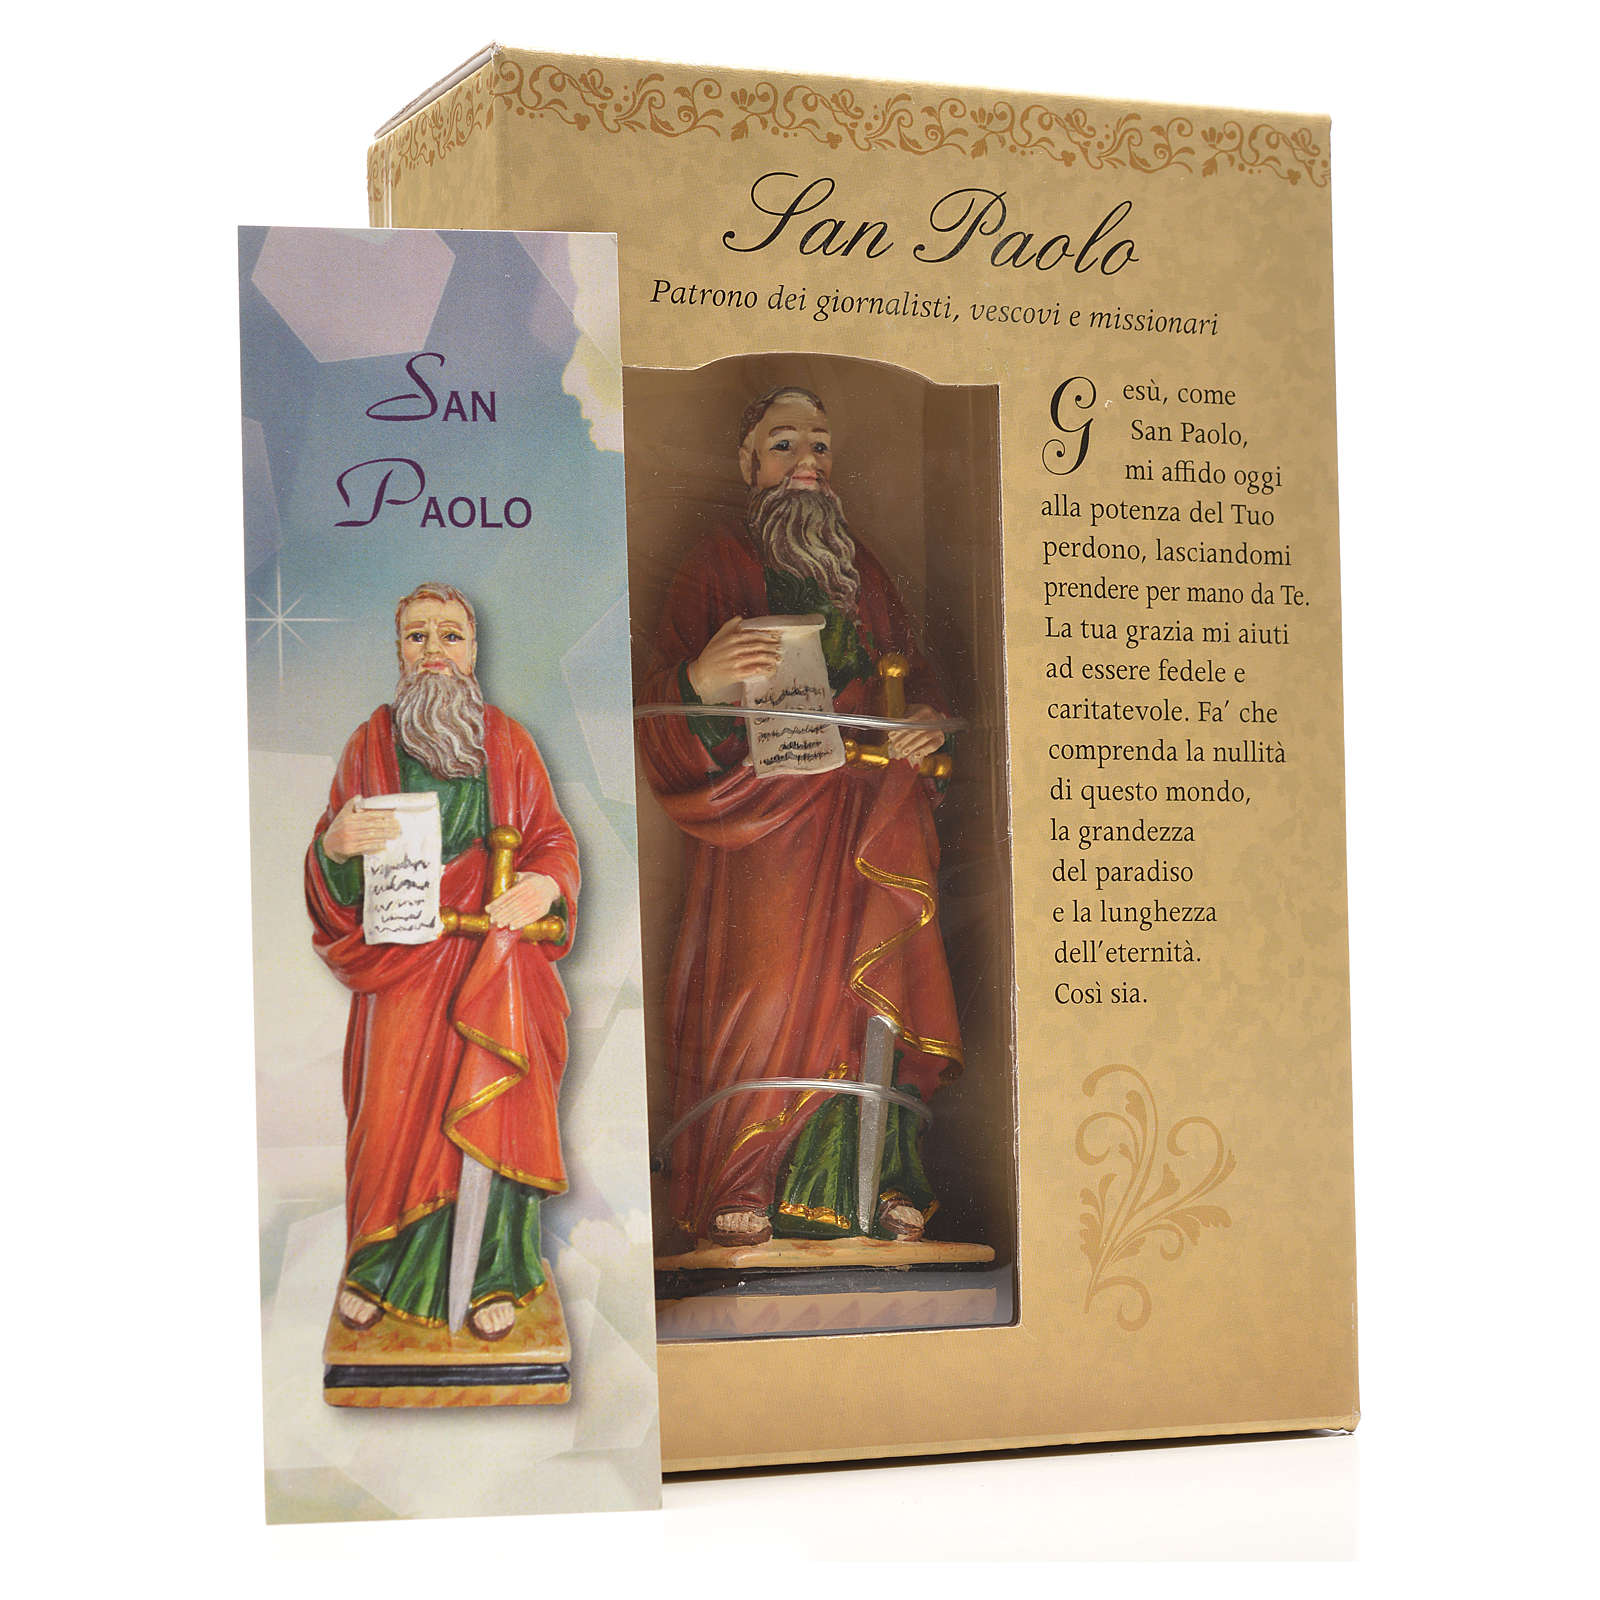 Figurka święty Paweł z obrazkiem z modlitwą po włosku 4